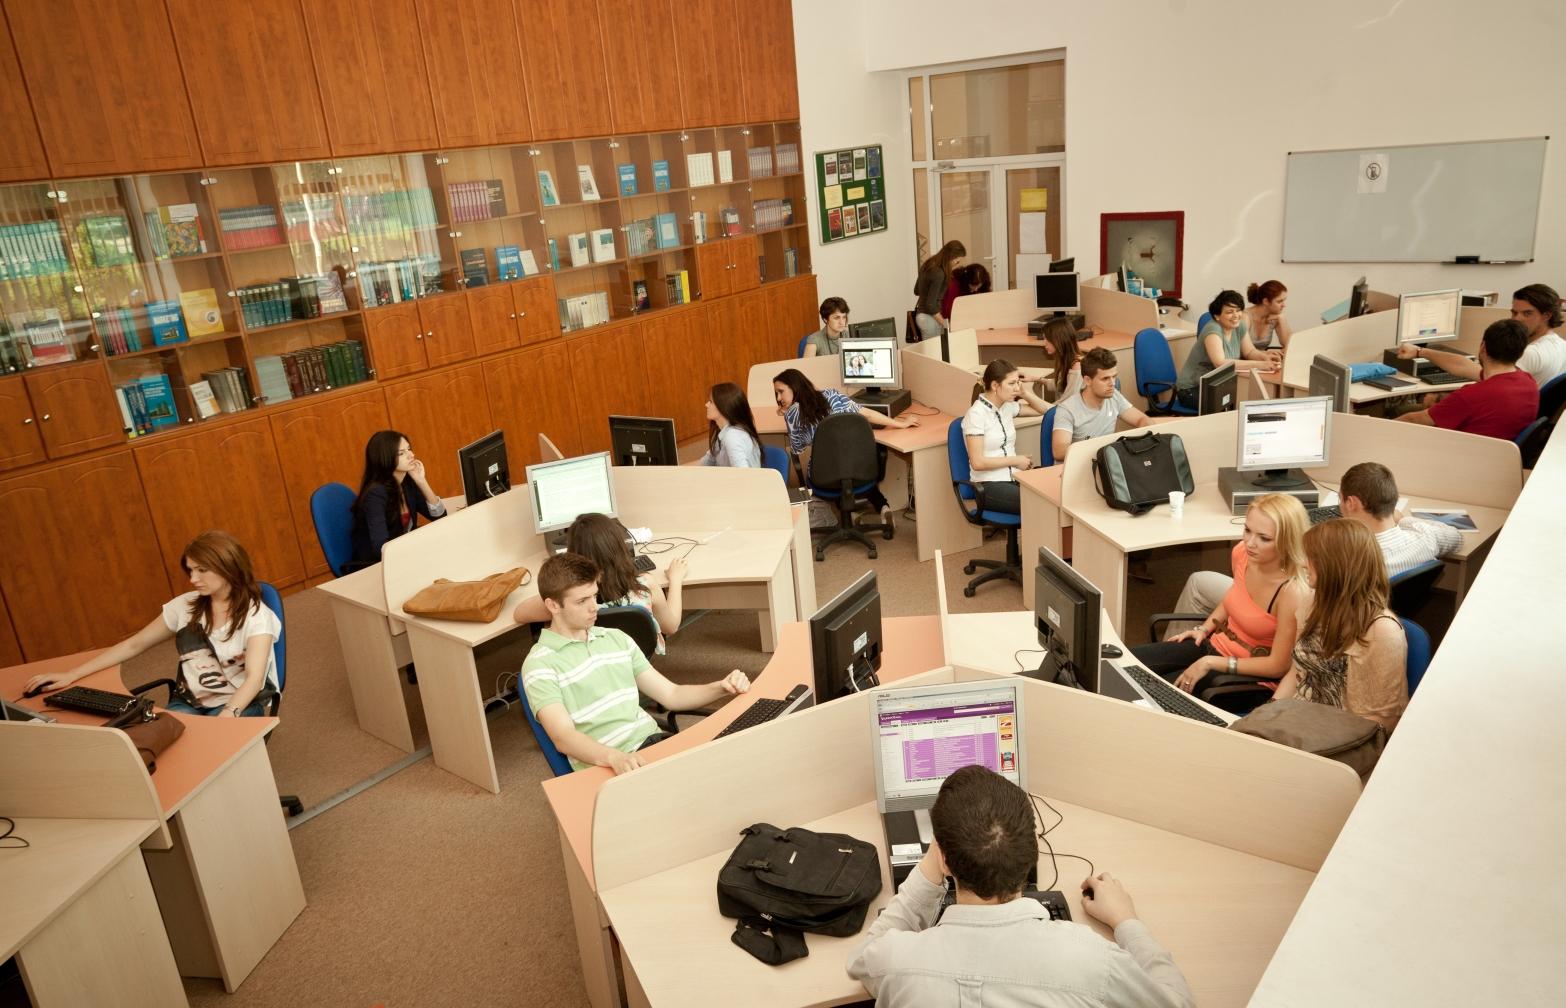 Educație universitară: Se remarcă o nevoie acută de specializare a studenților